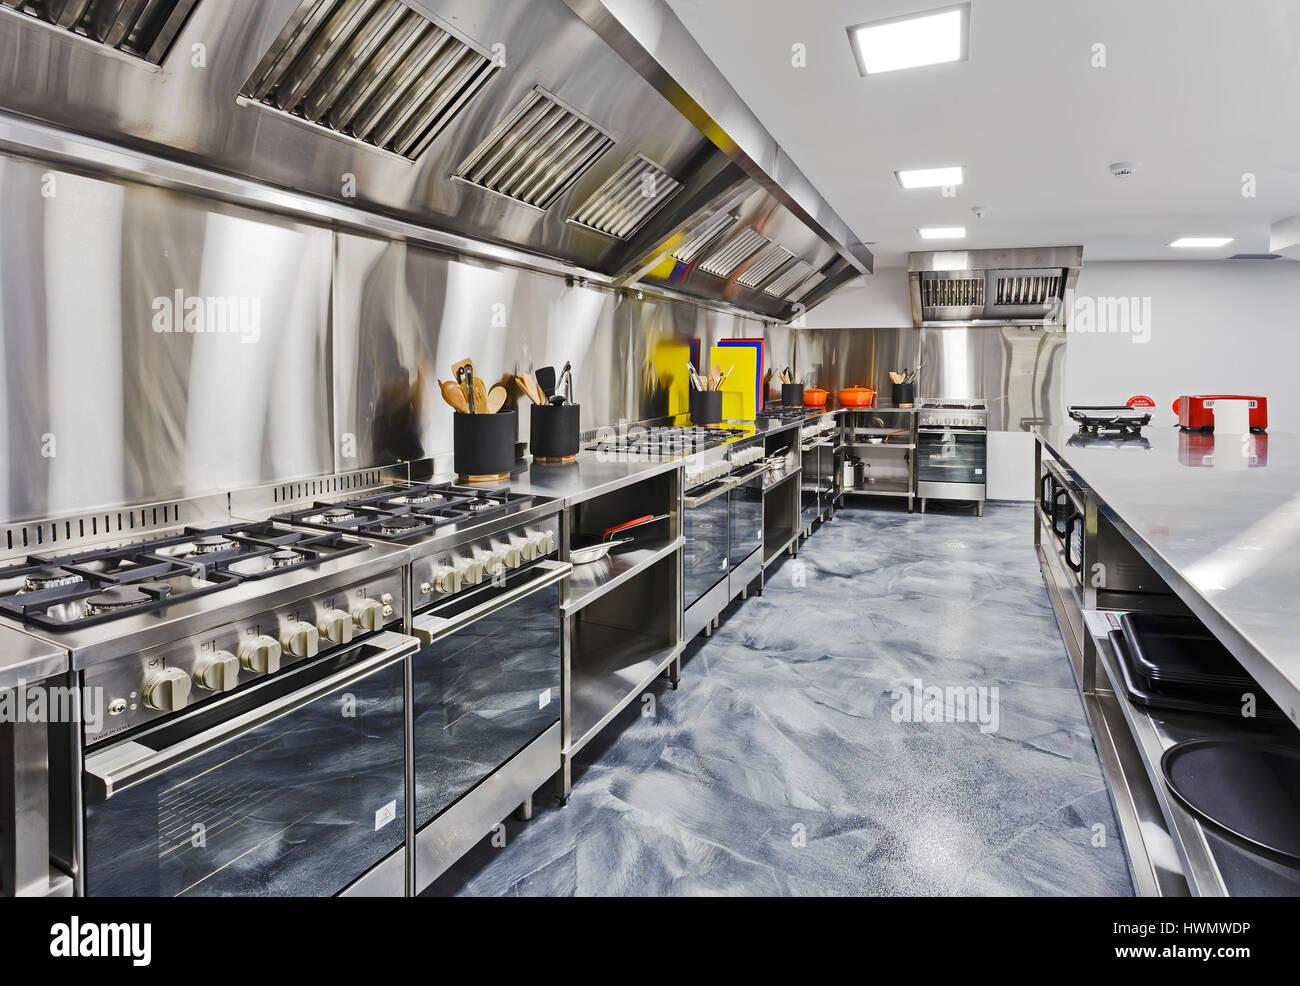 Restaurant Kitchenware modern shiny kitchen with stainless still kitchenware and